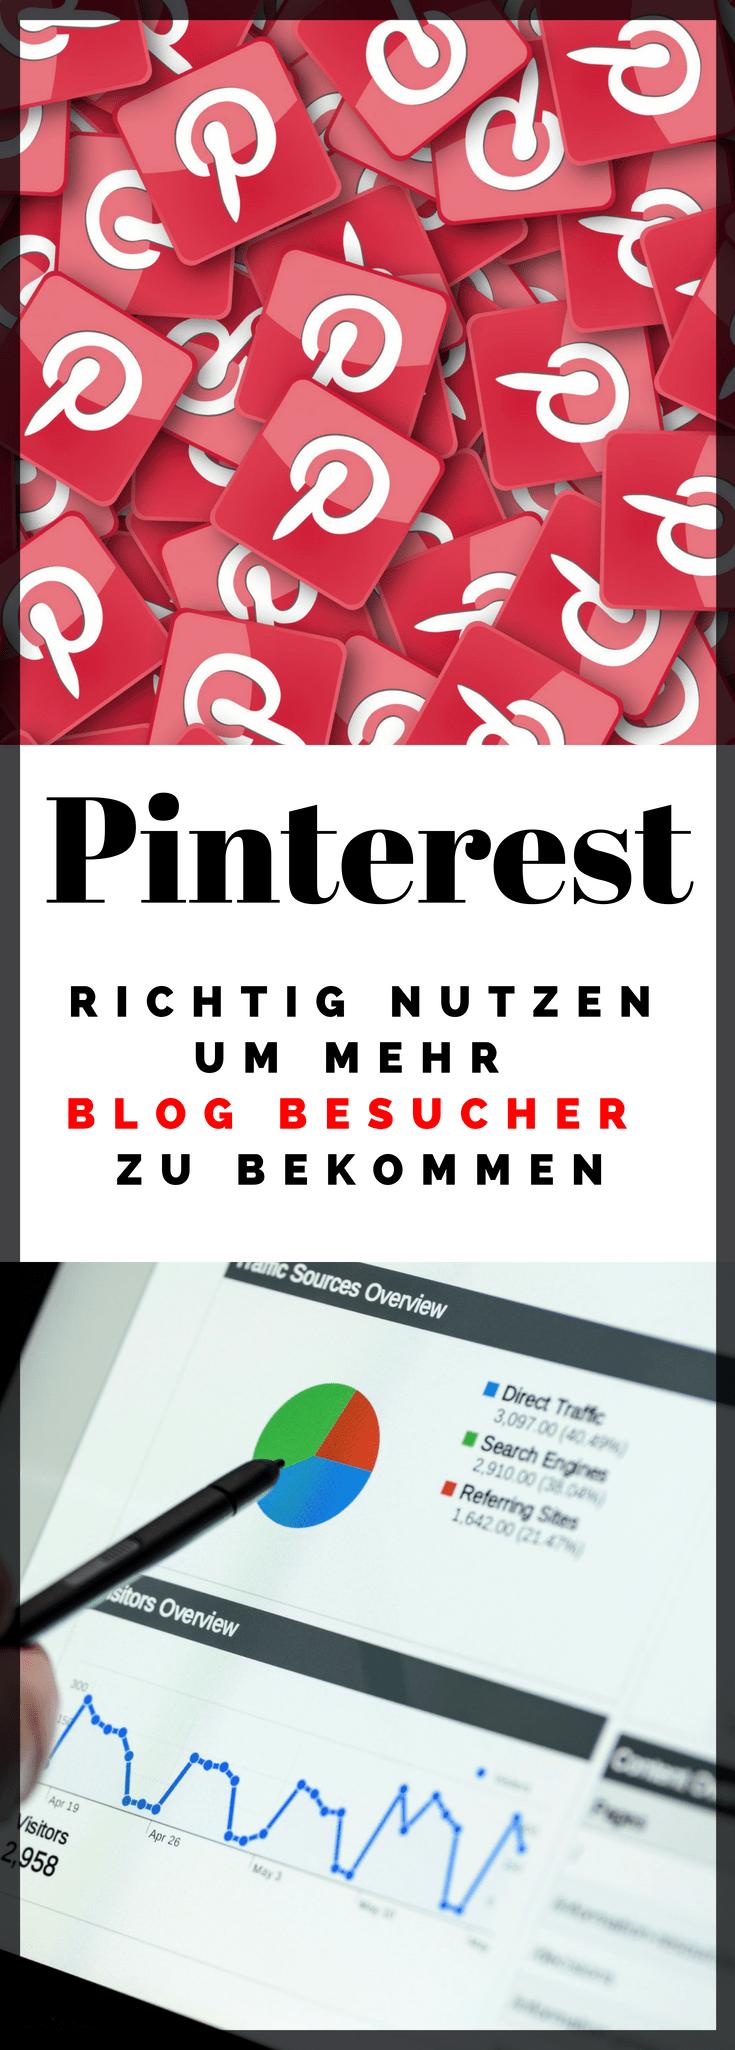 Pinterest ist für Blogger eine super Plattform um mehr Besucher zu bekommen und den Traffic zu steigern. Es gibt bei Pinterest und der Anmeldung und Einrichtung jedoch einiges zu Beachten.